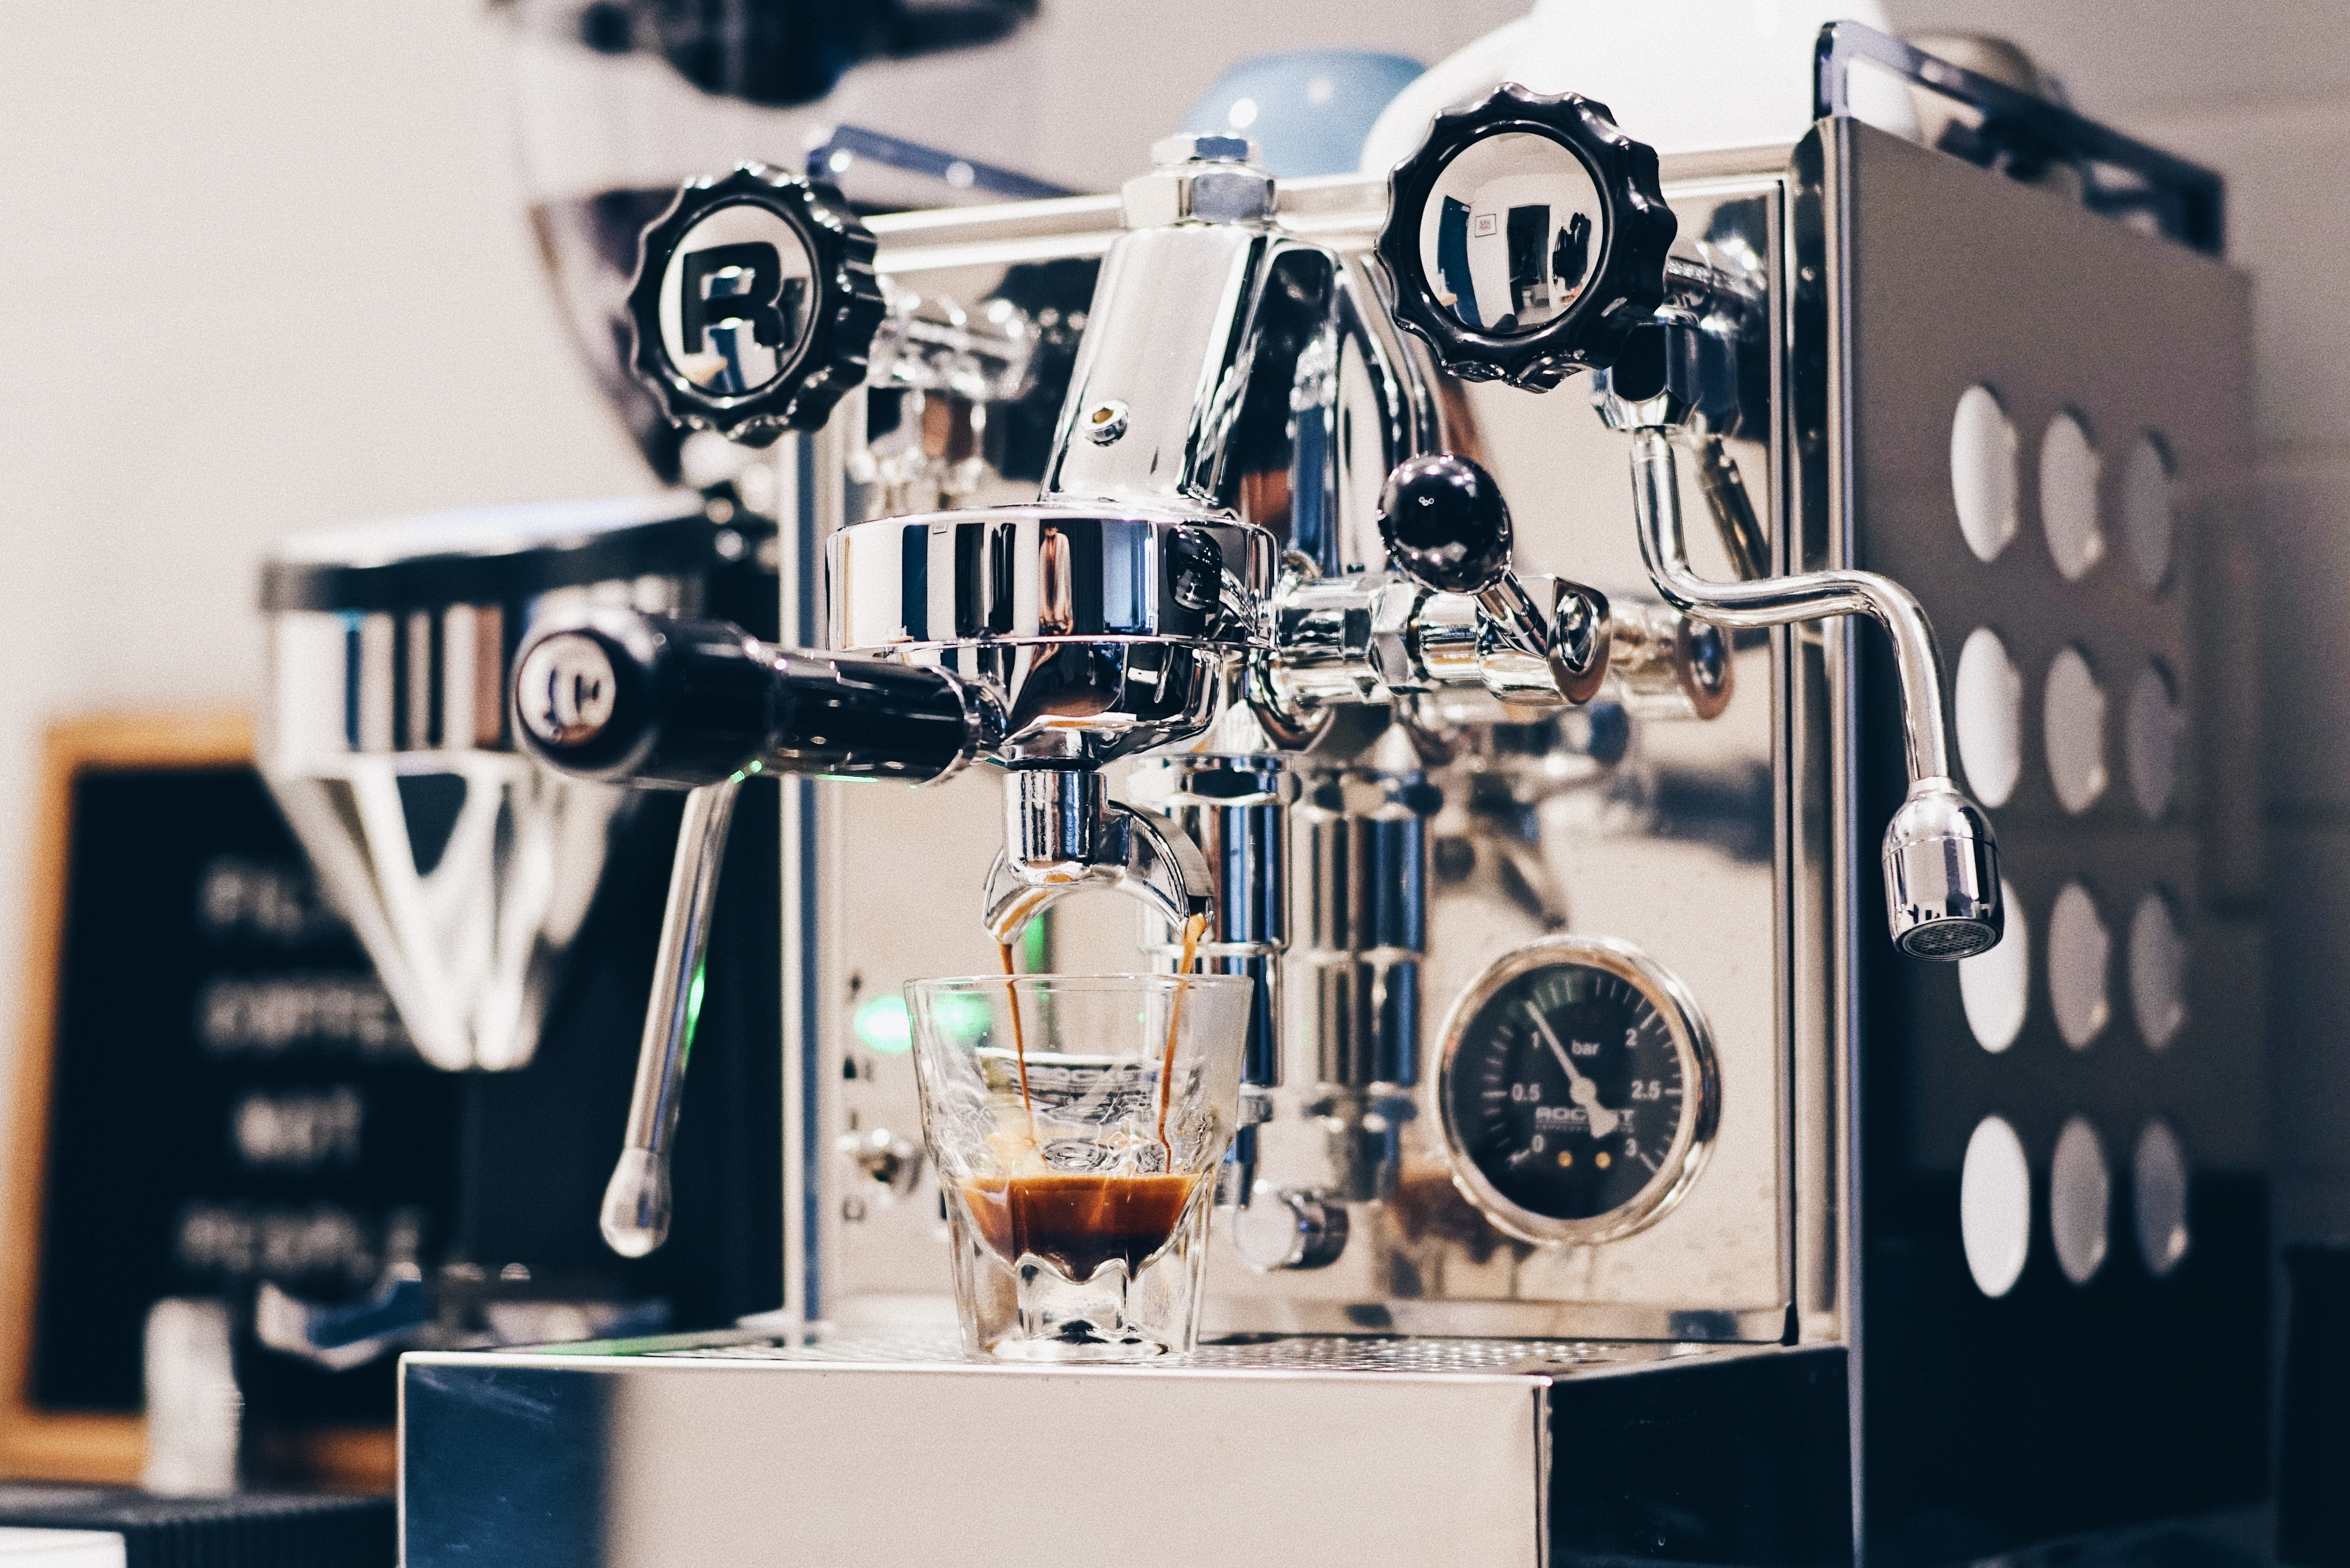 Comment choisir une machine a café expresso ? 1